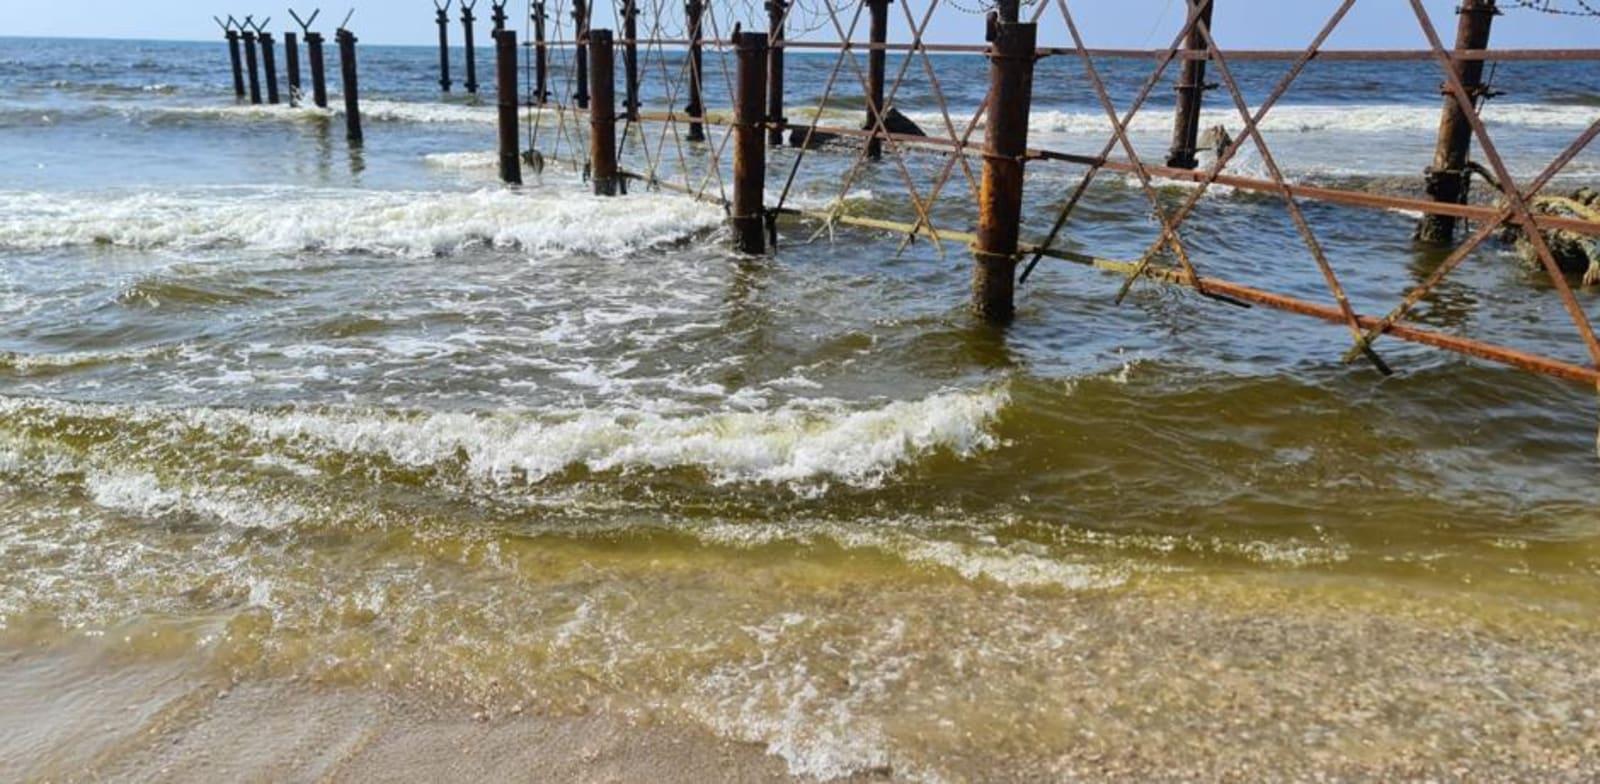 מים צהובים בחוף פלמחים / צילום: תמונה פרטית